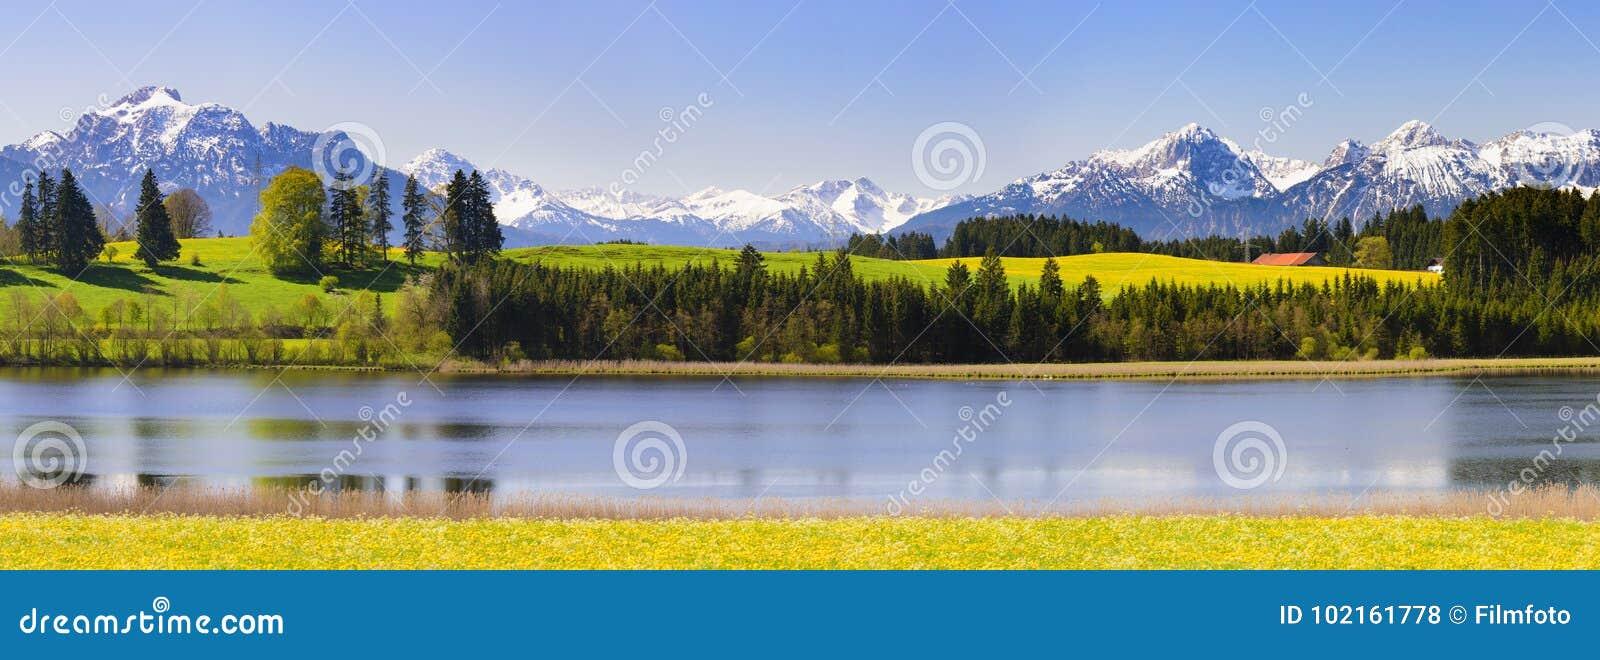 Panoramalandschaft im Bayern mit Alpenbergen